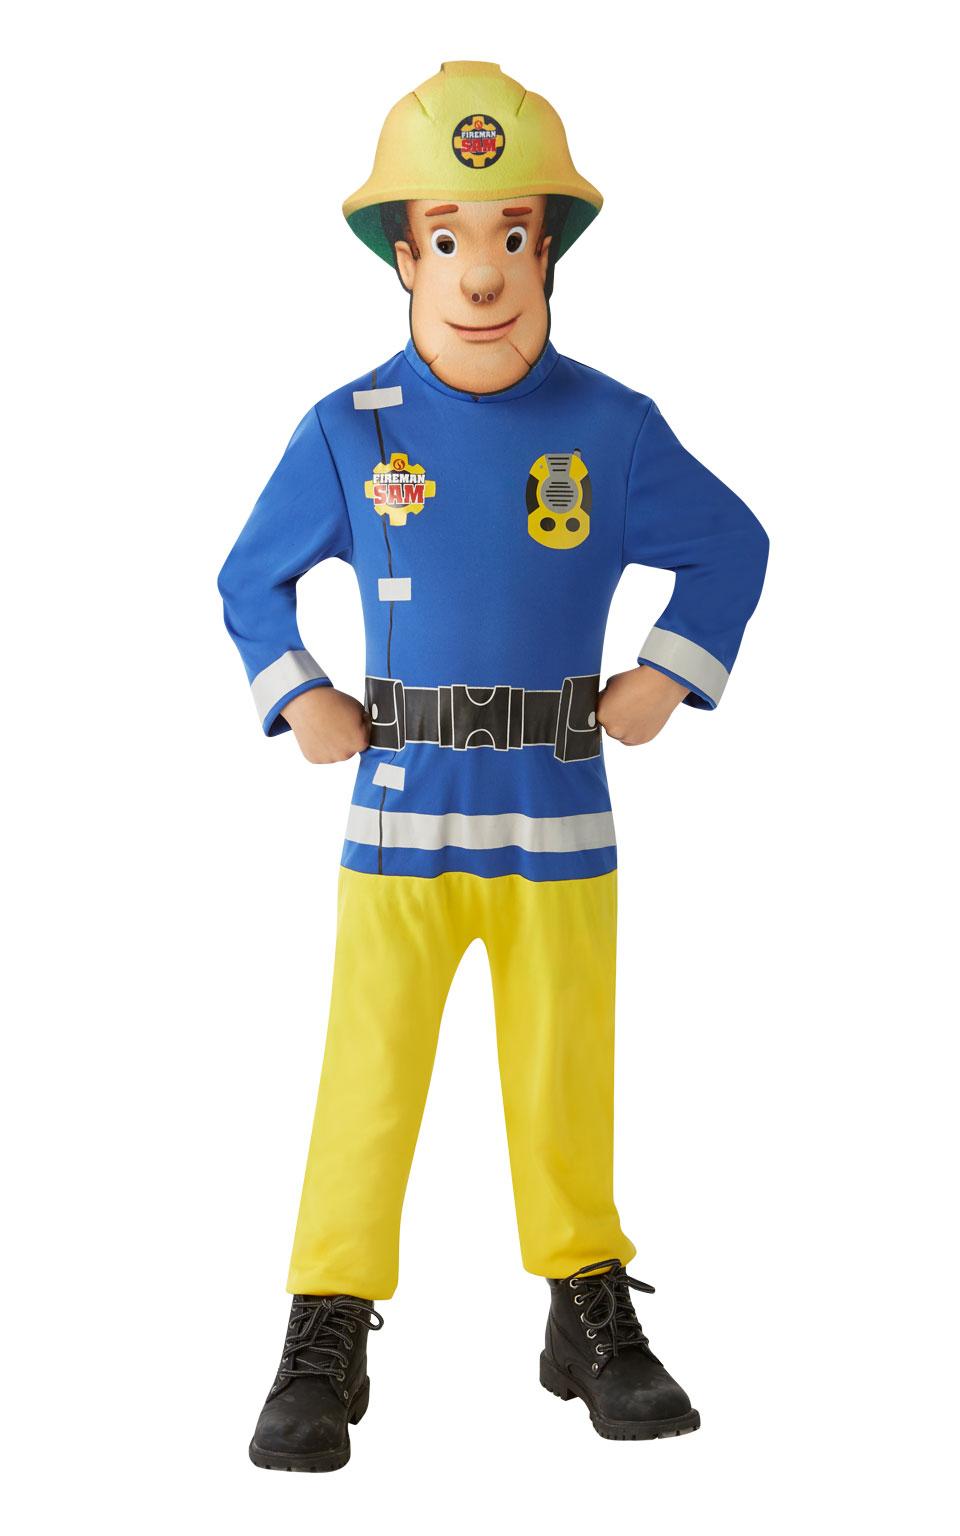 Pompiere Sam Bambini Costume TV CARTONI ANIMATI Fire Fighter Costume Da Bambino Ragazzi Uniforme